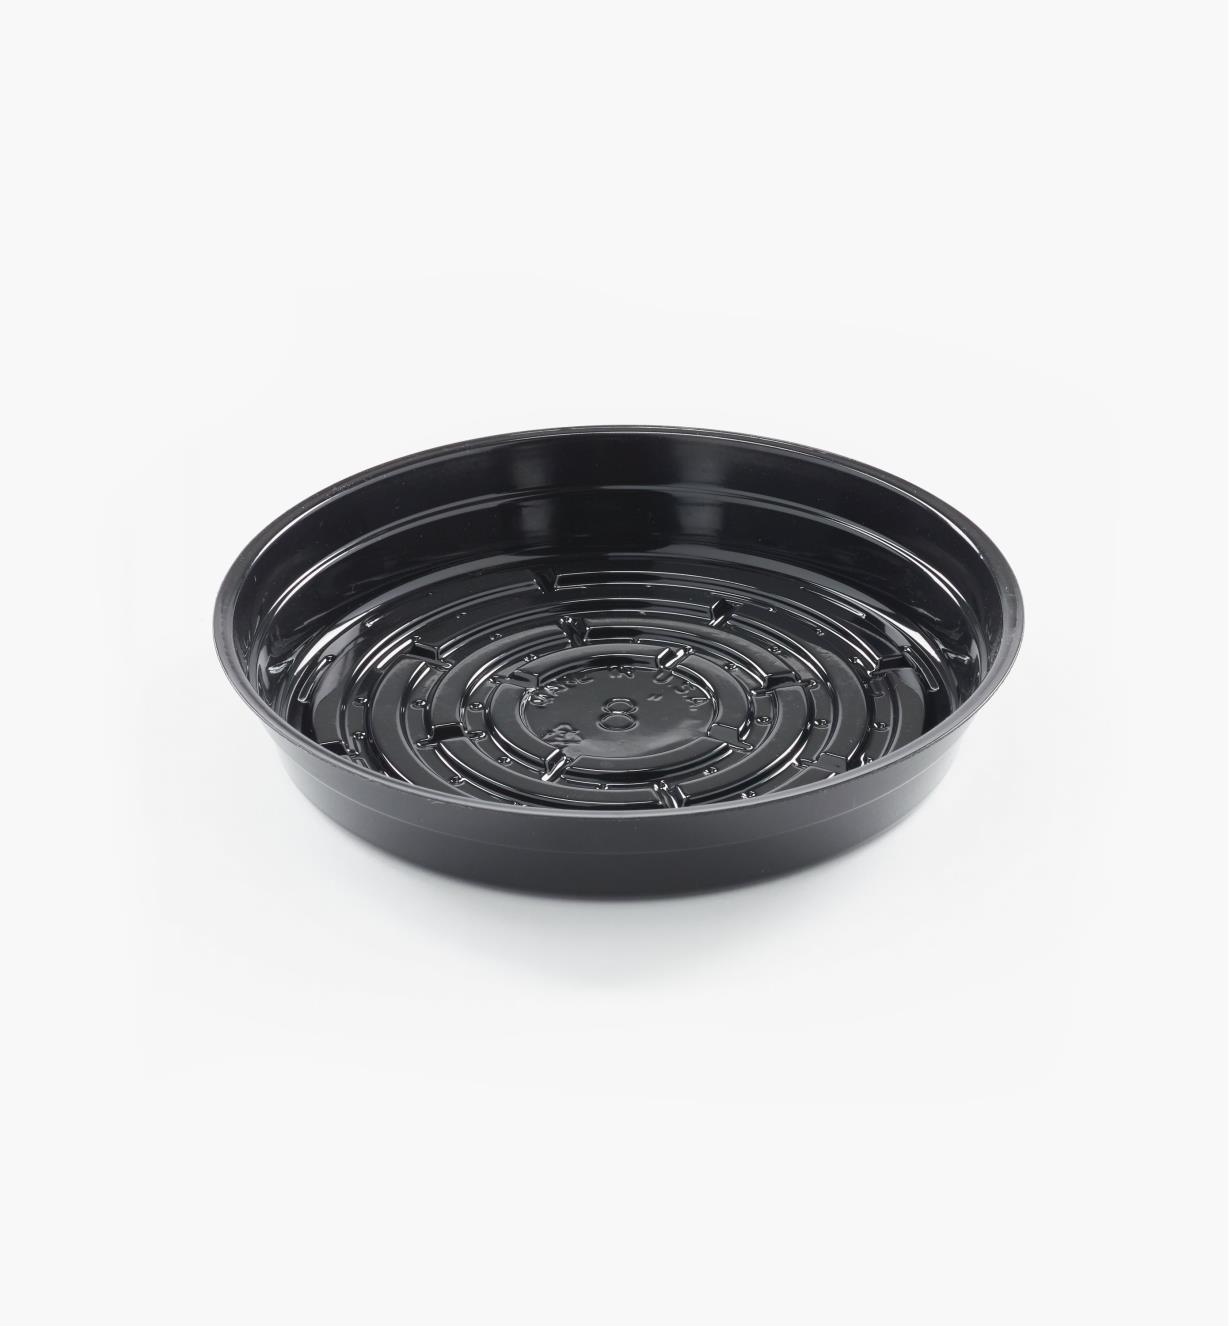 EA826 - Sous-pot classique noir, 8po